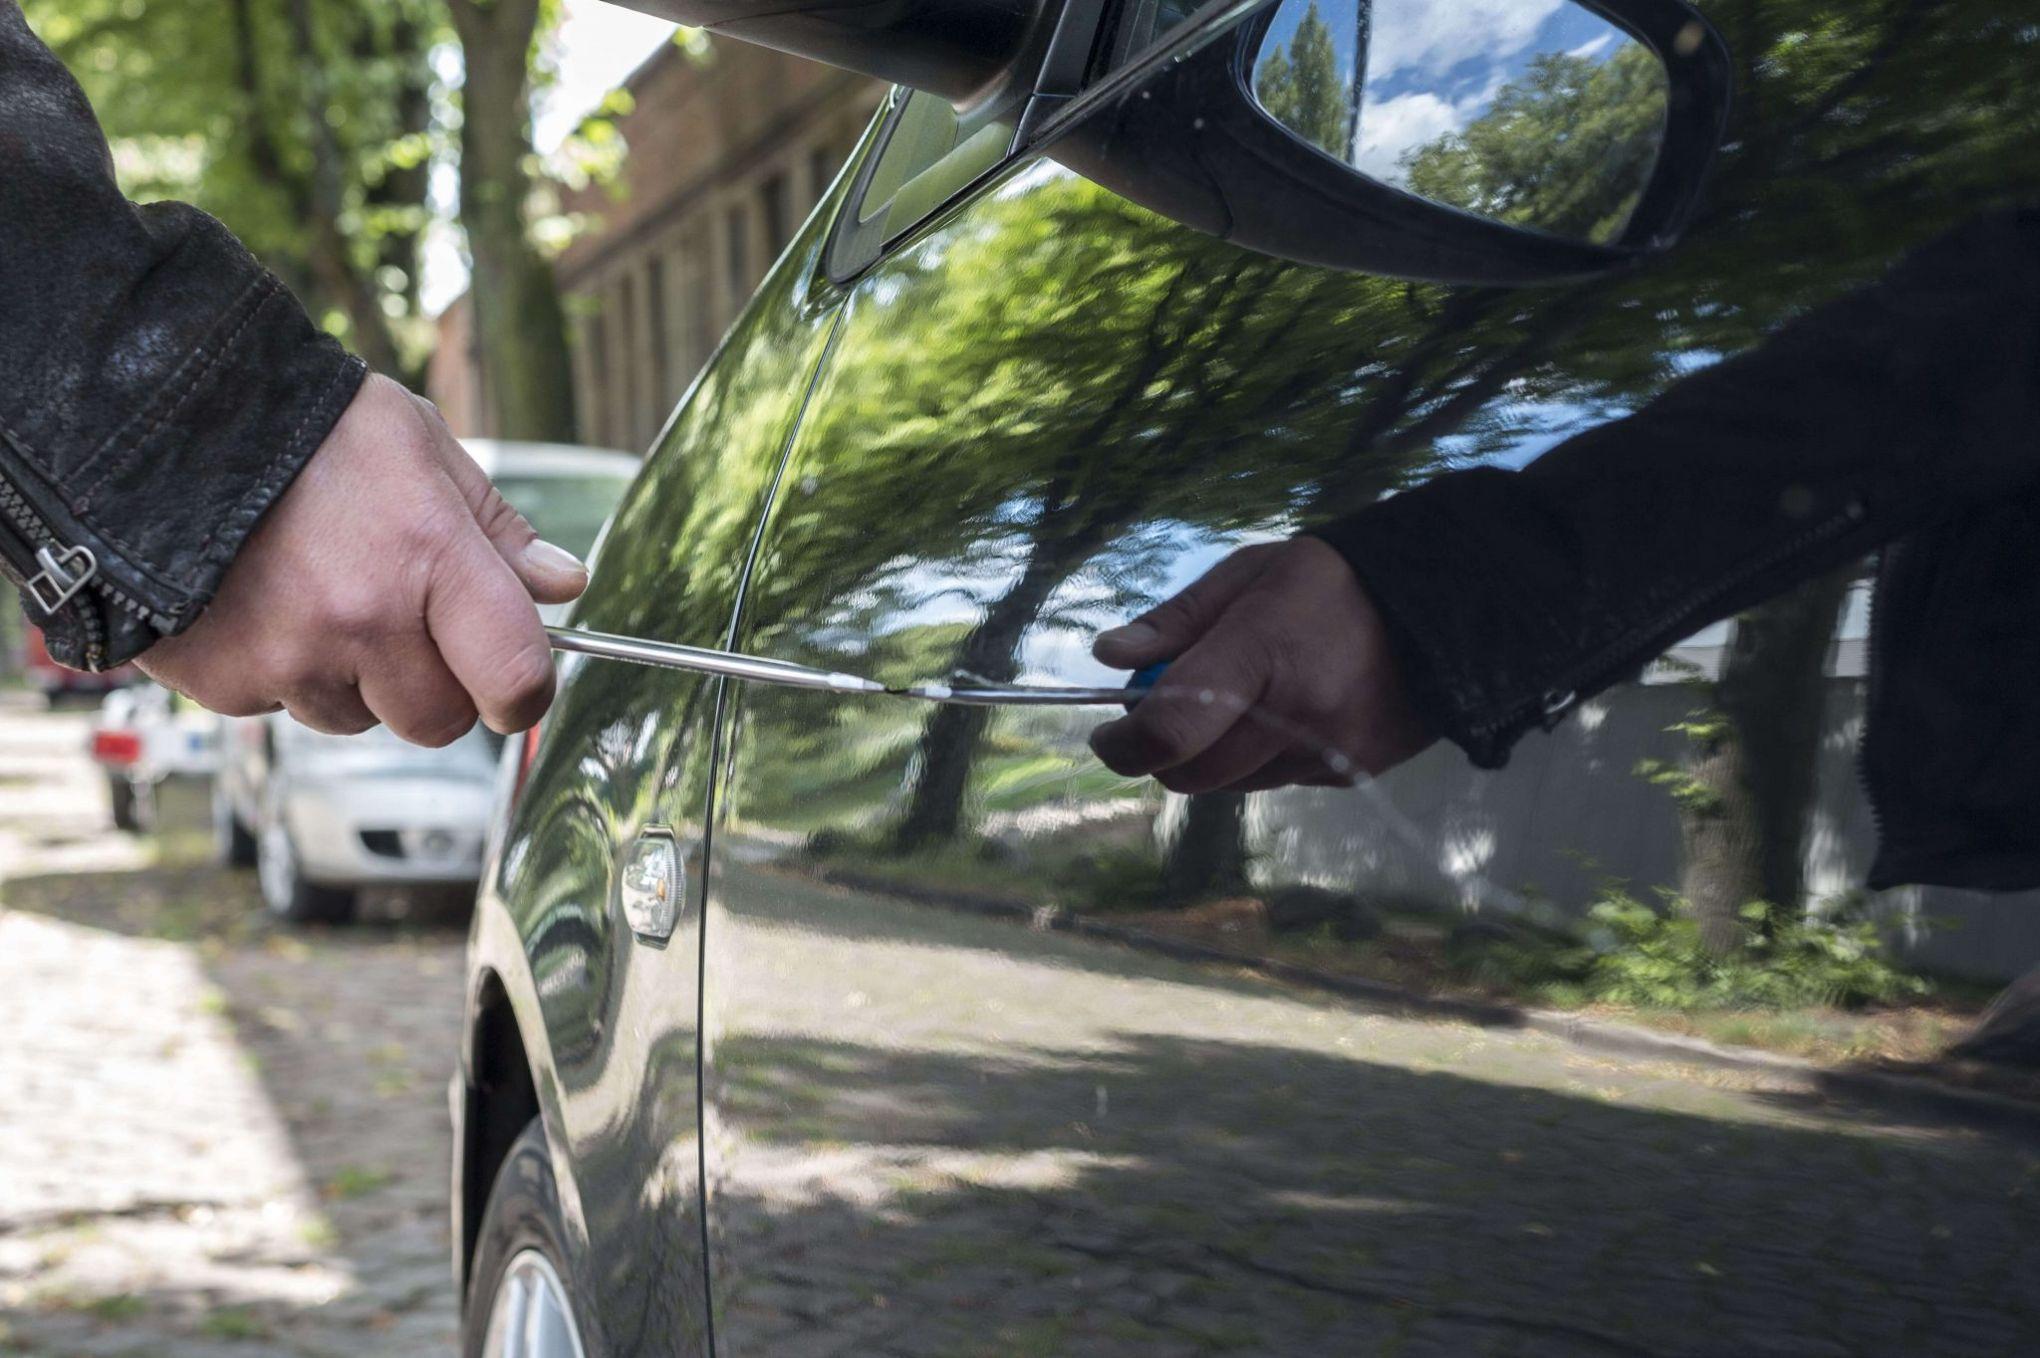 Dégradations de votre véhicule: quels sont vos droits?